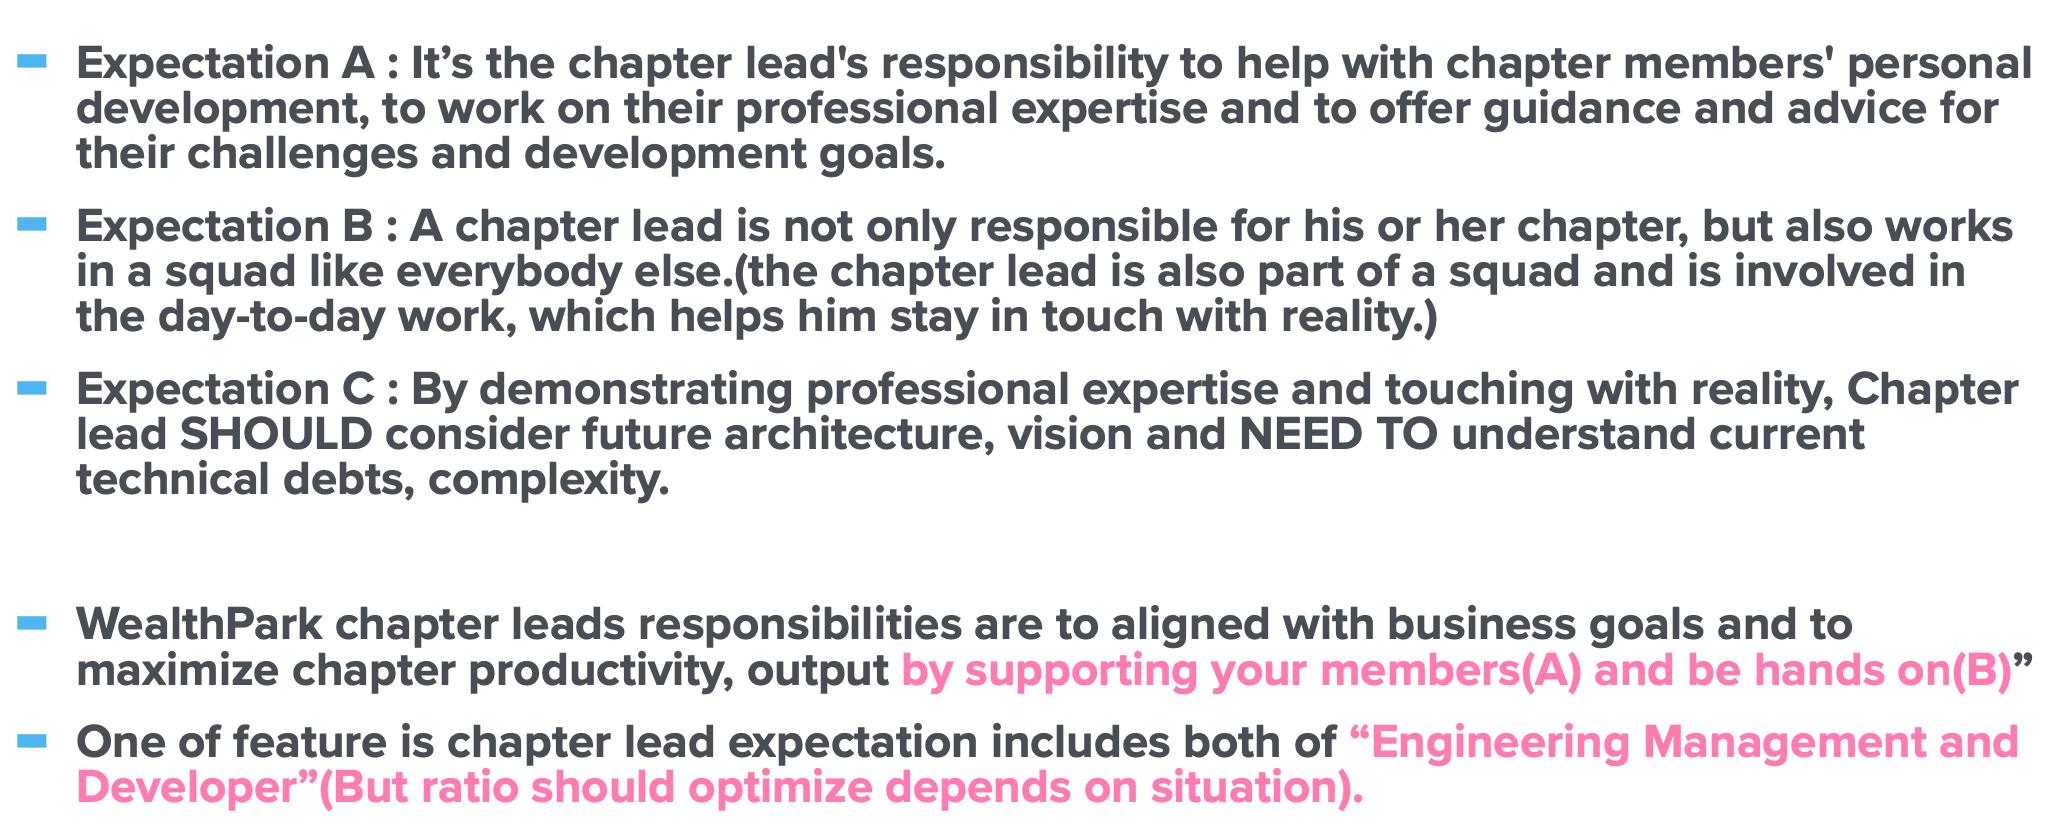 WealthParkが考えるChapter Leadへの期待値